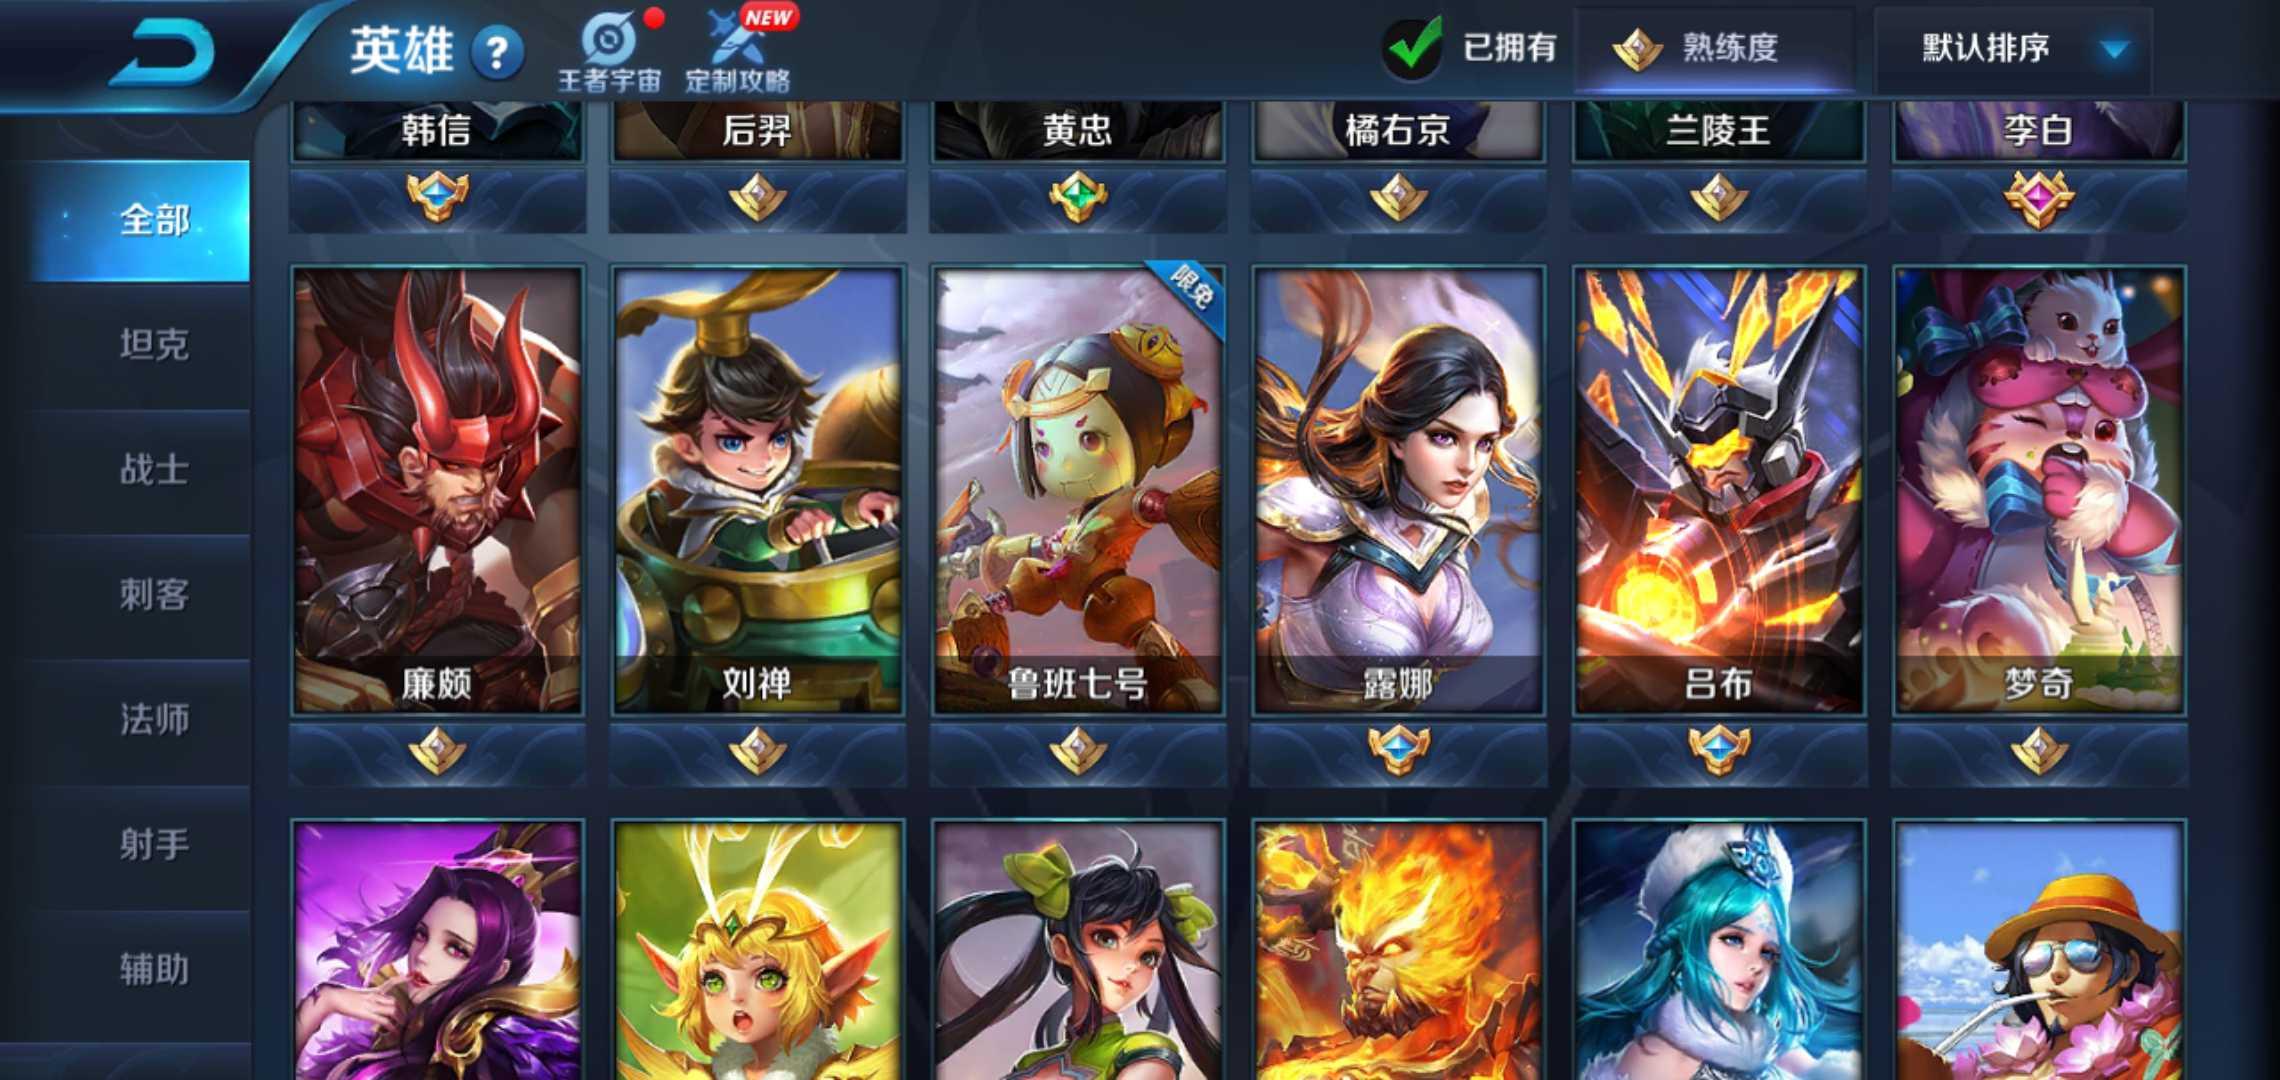 �m_文明租号_7022鏼囖2371_王者荣耀_安卓系统_.